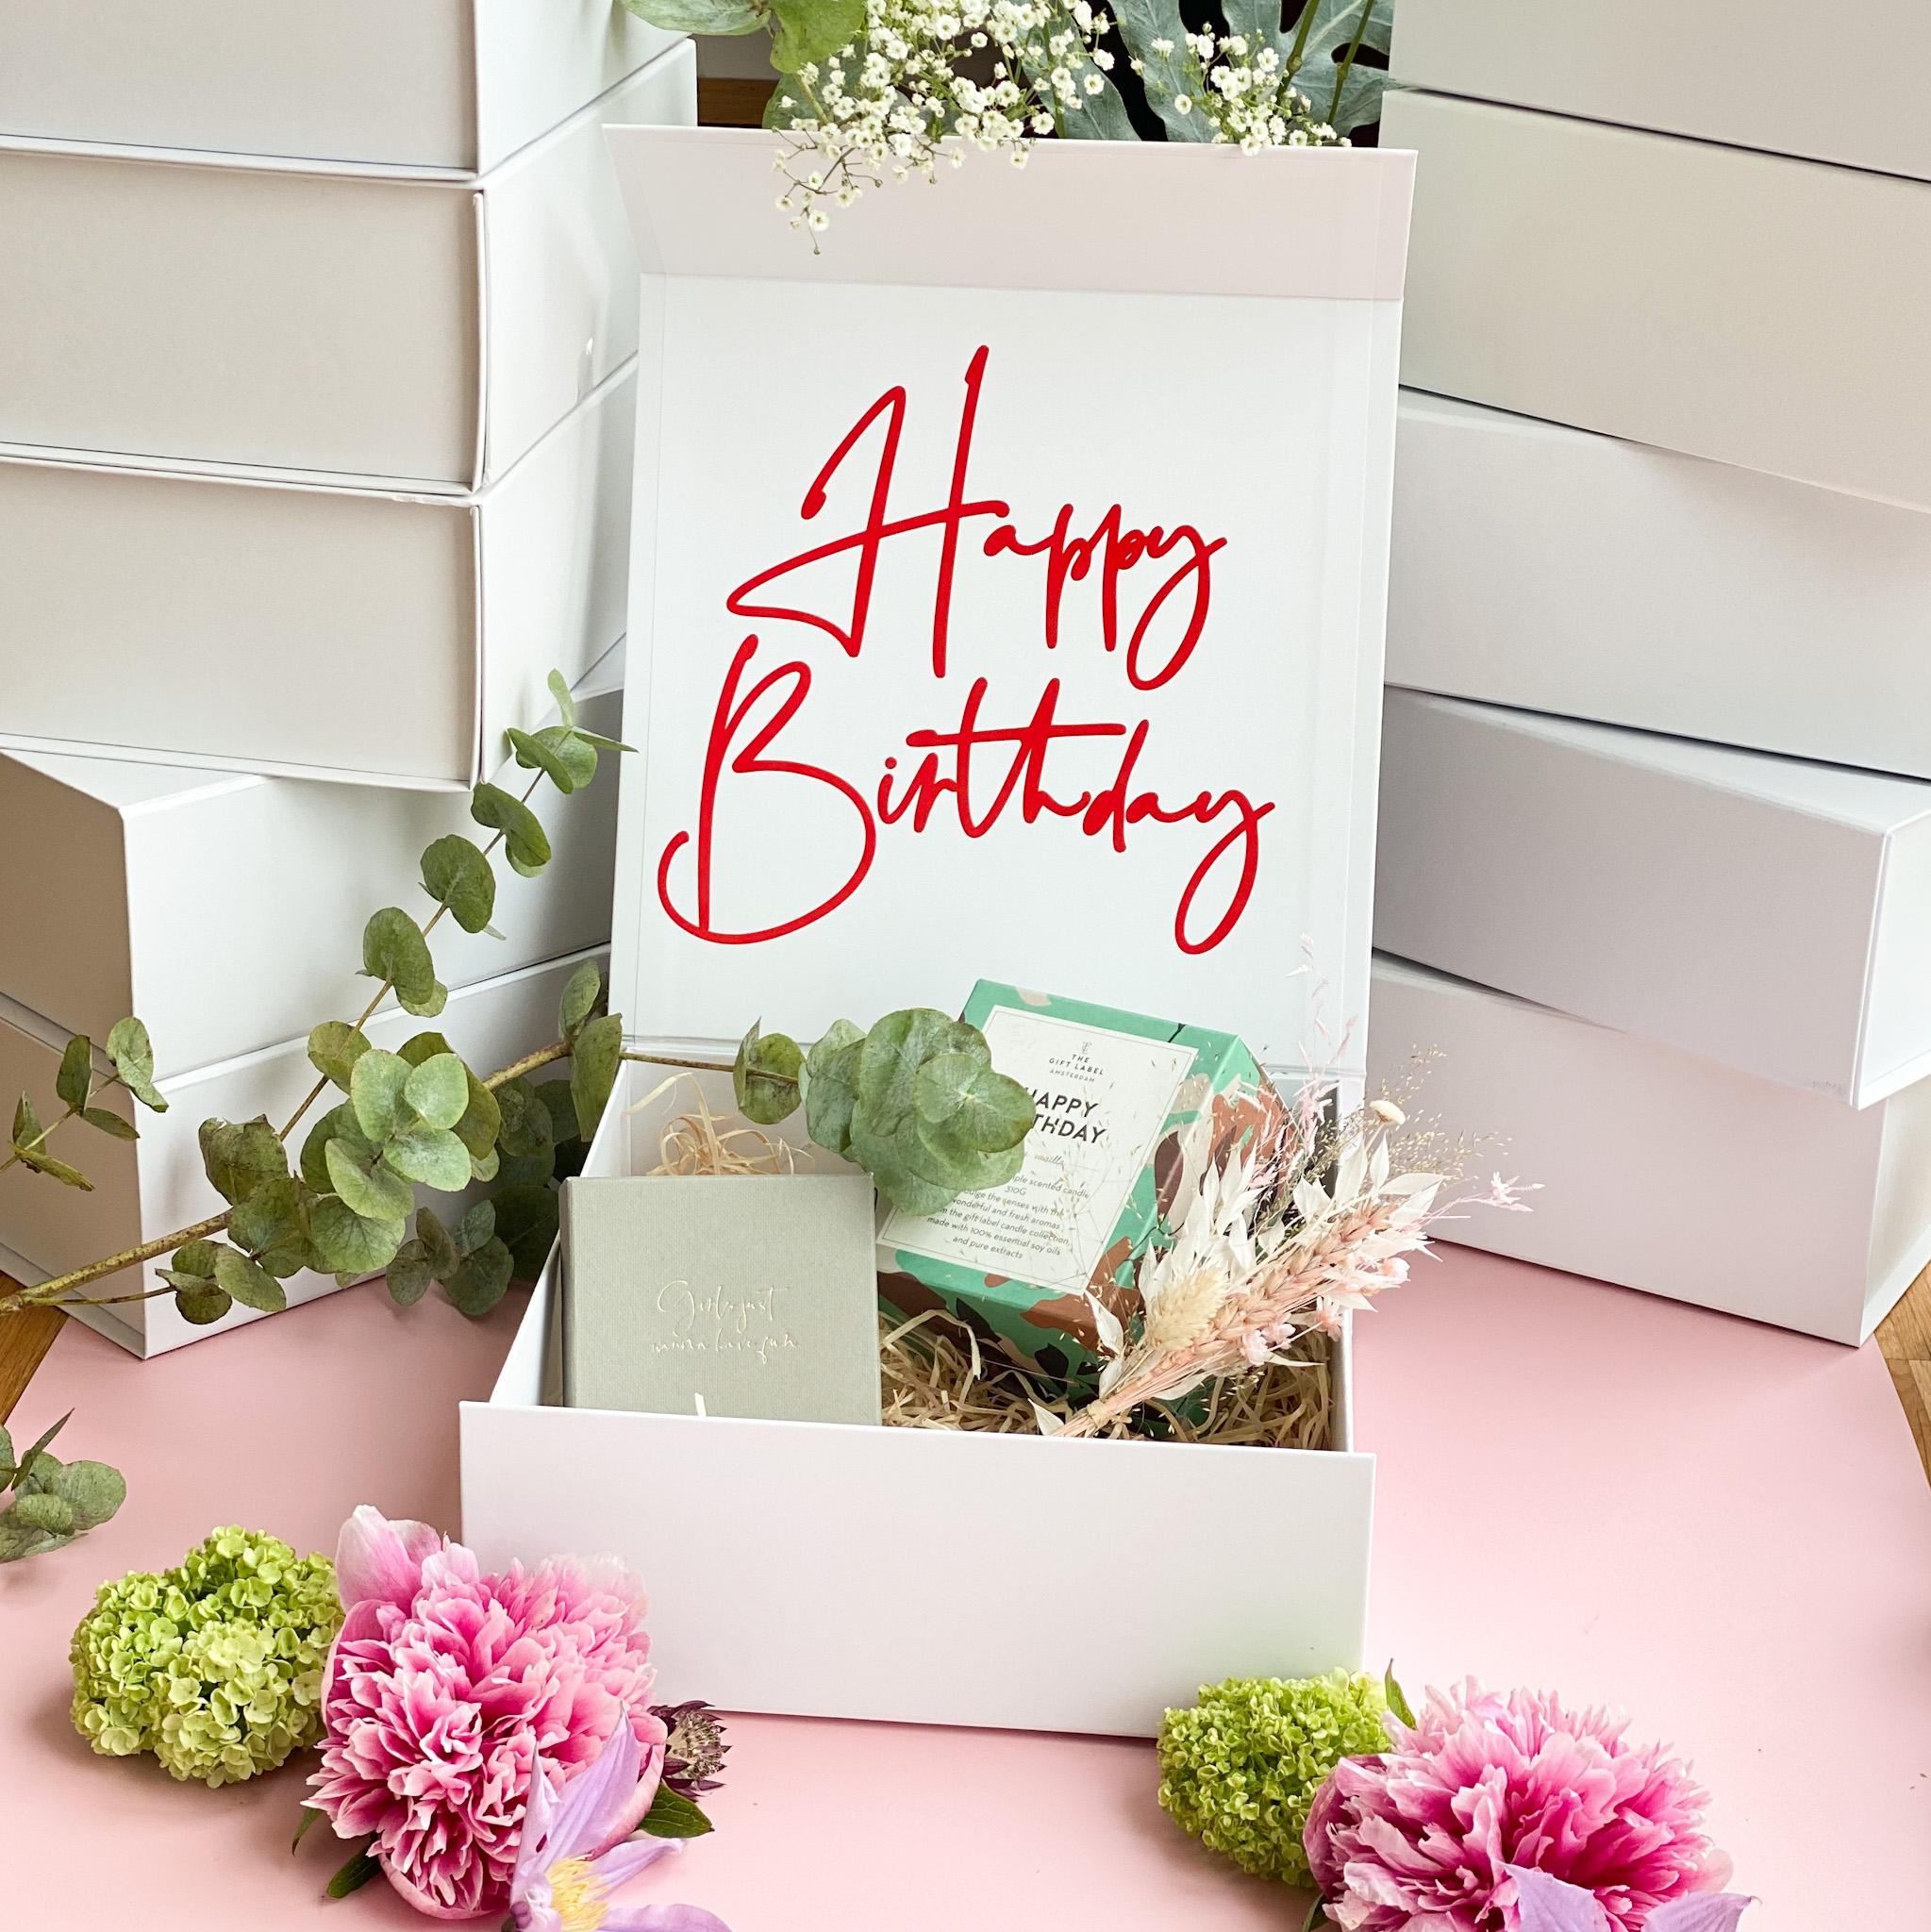 Happy Birthday Geschenkbox für Lieblingsmenschen